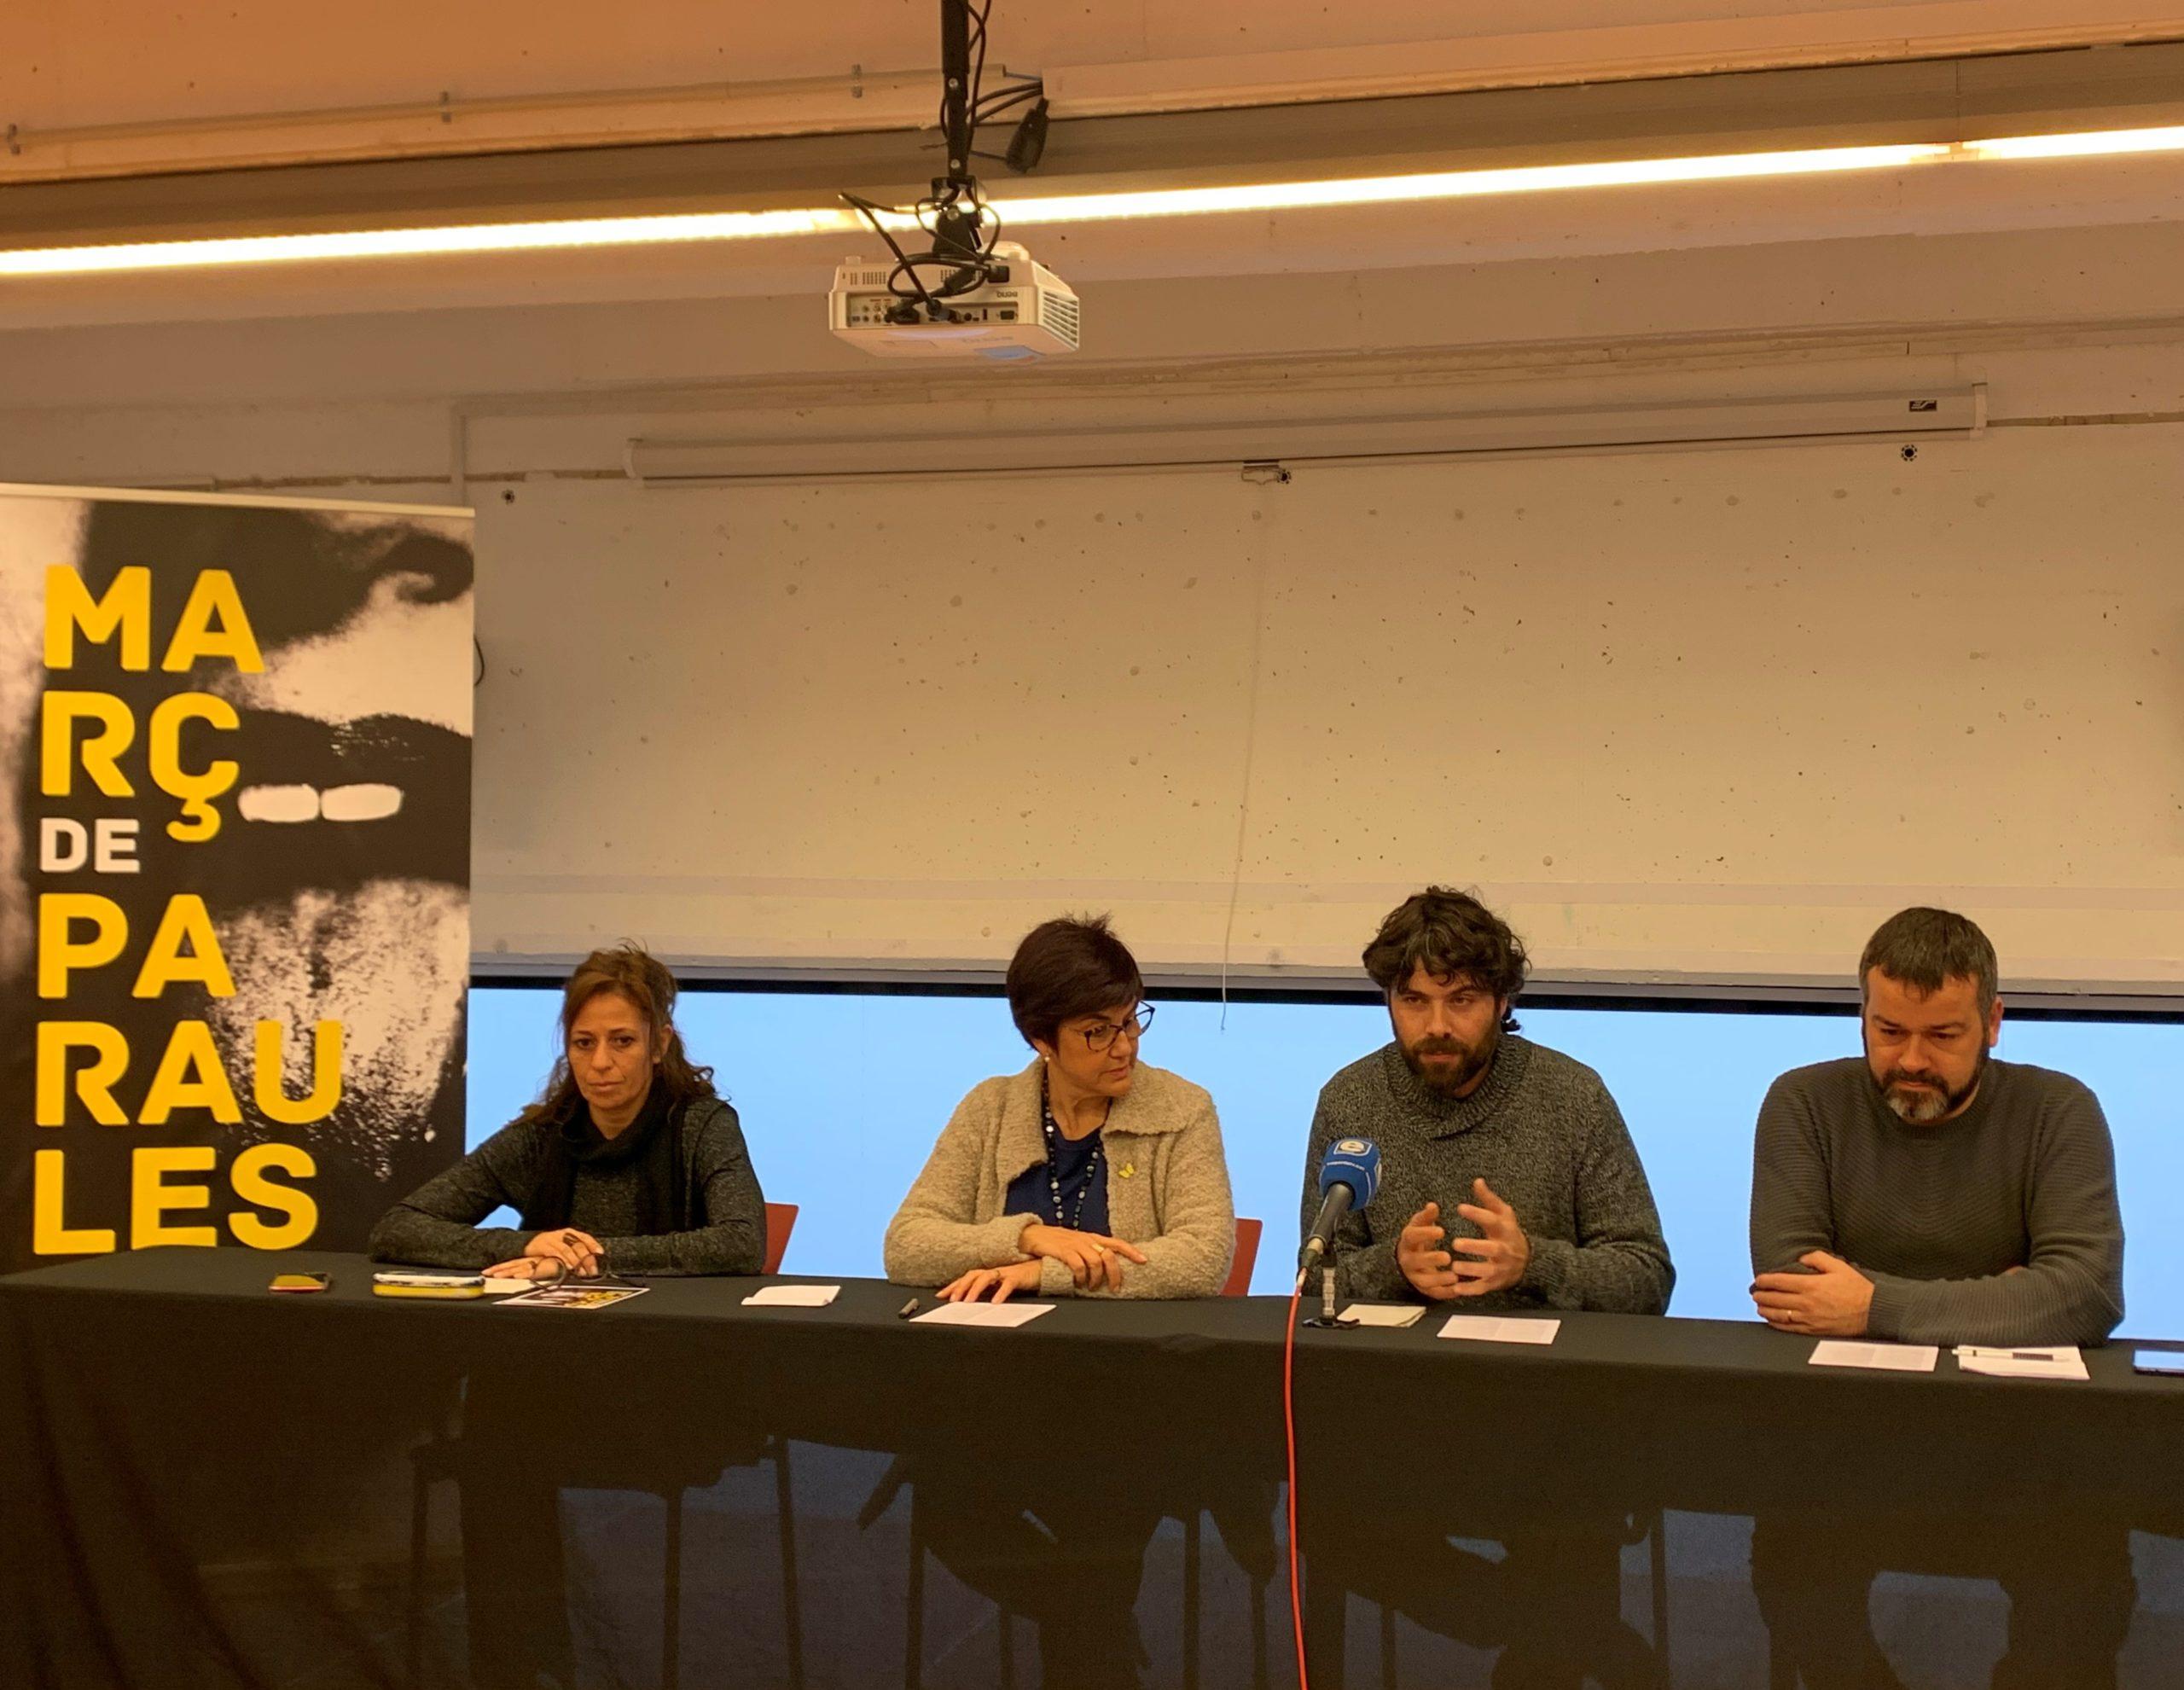 Març de Paraules creix per convertir-se en un festival dedicat a la creació literària multidisciplinar